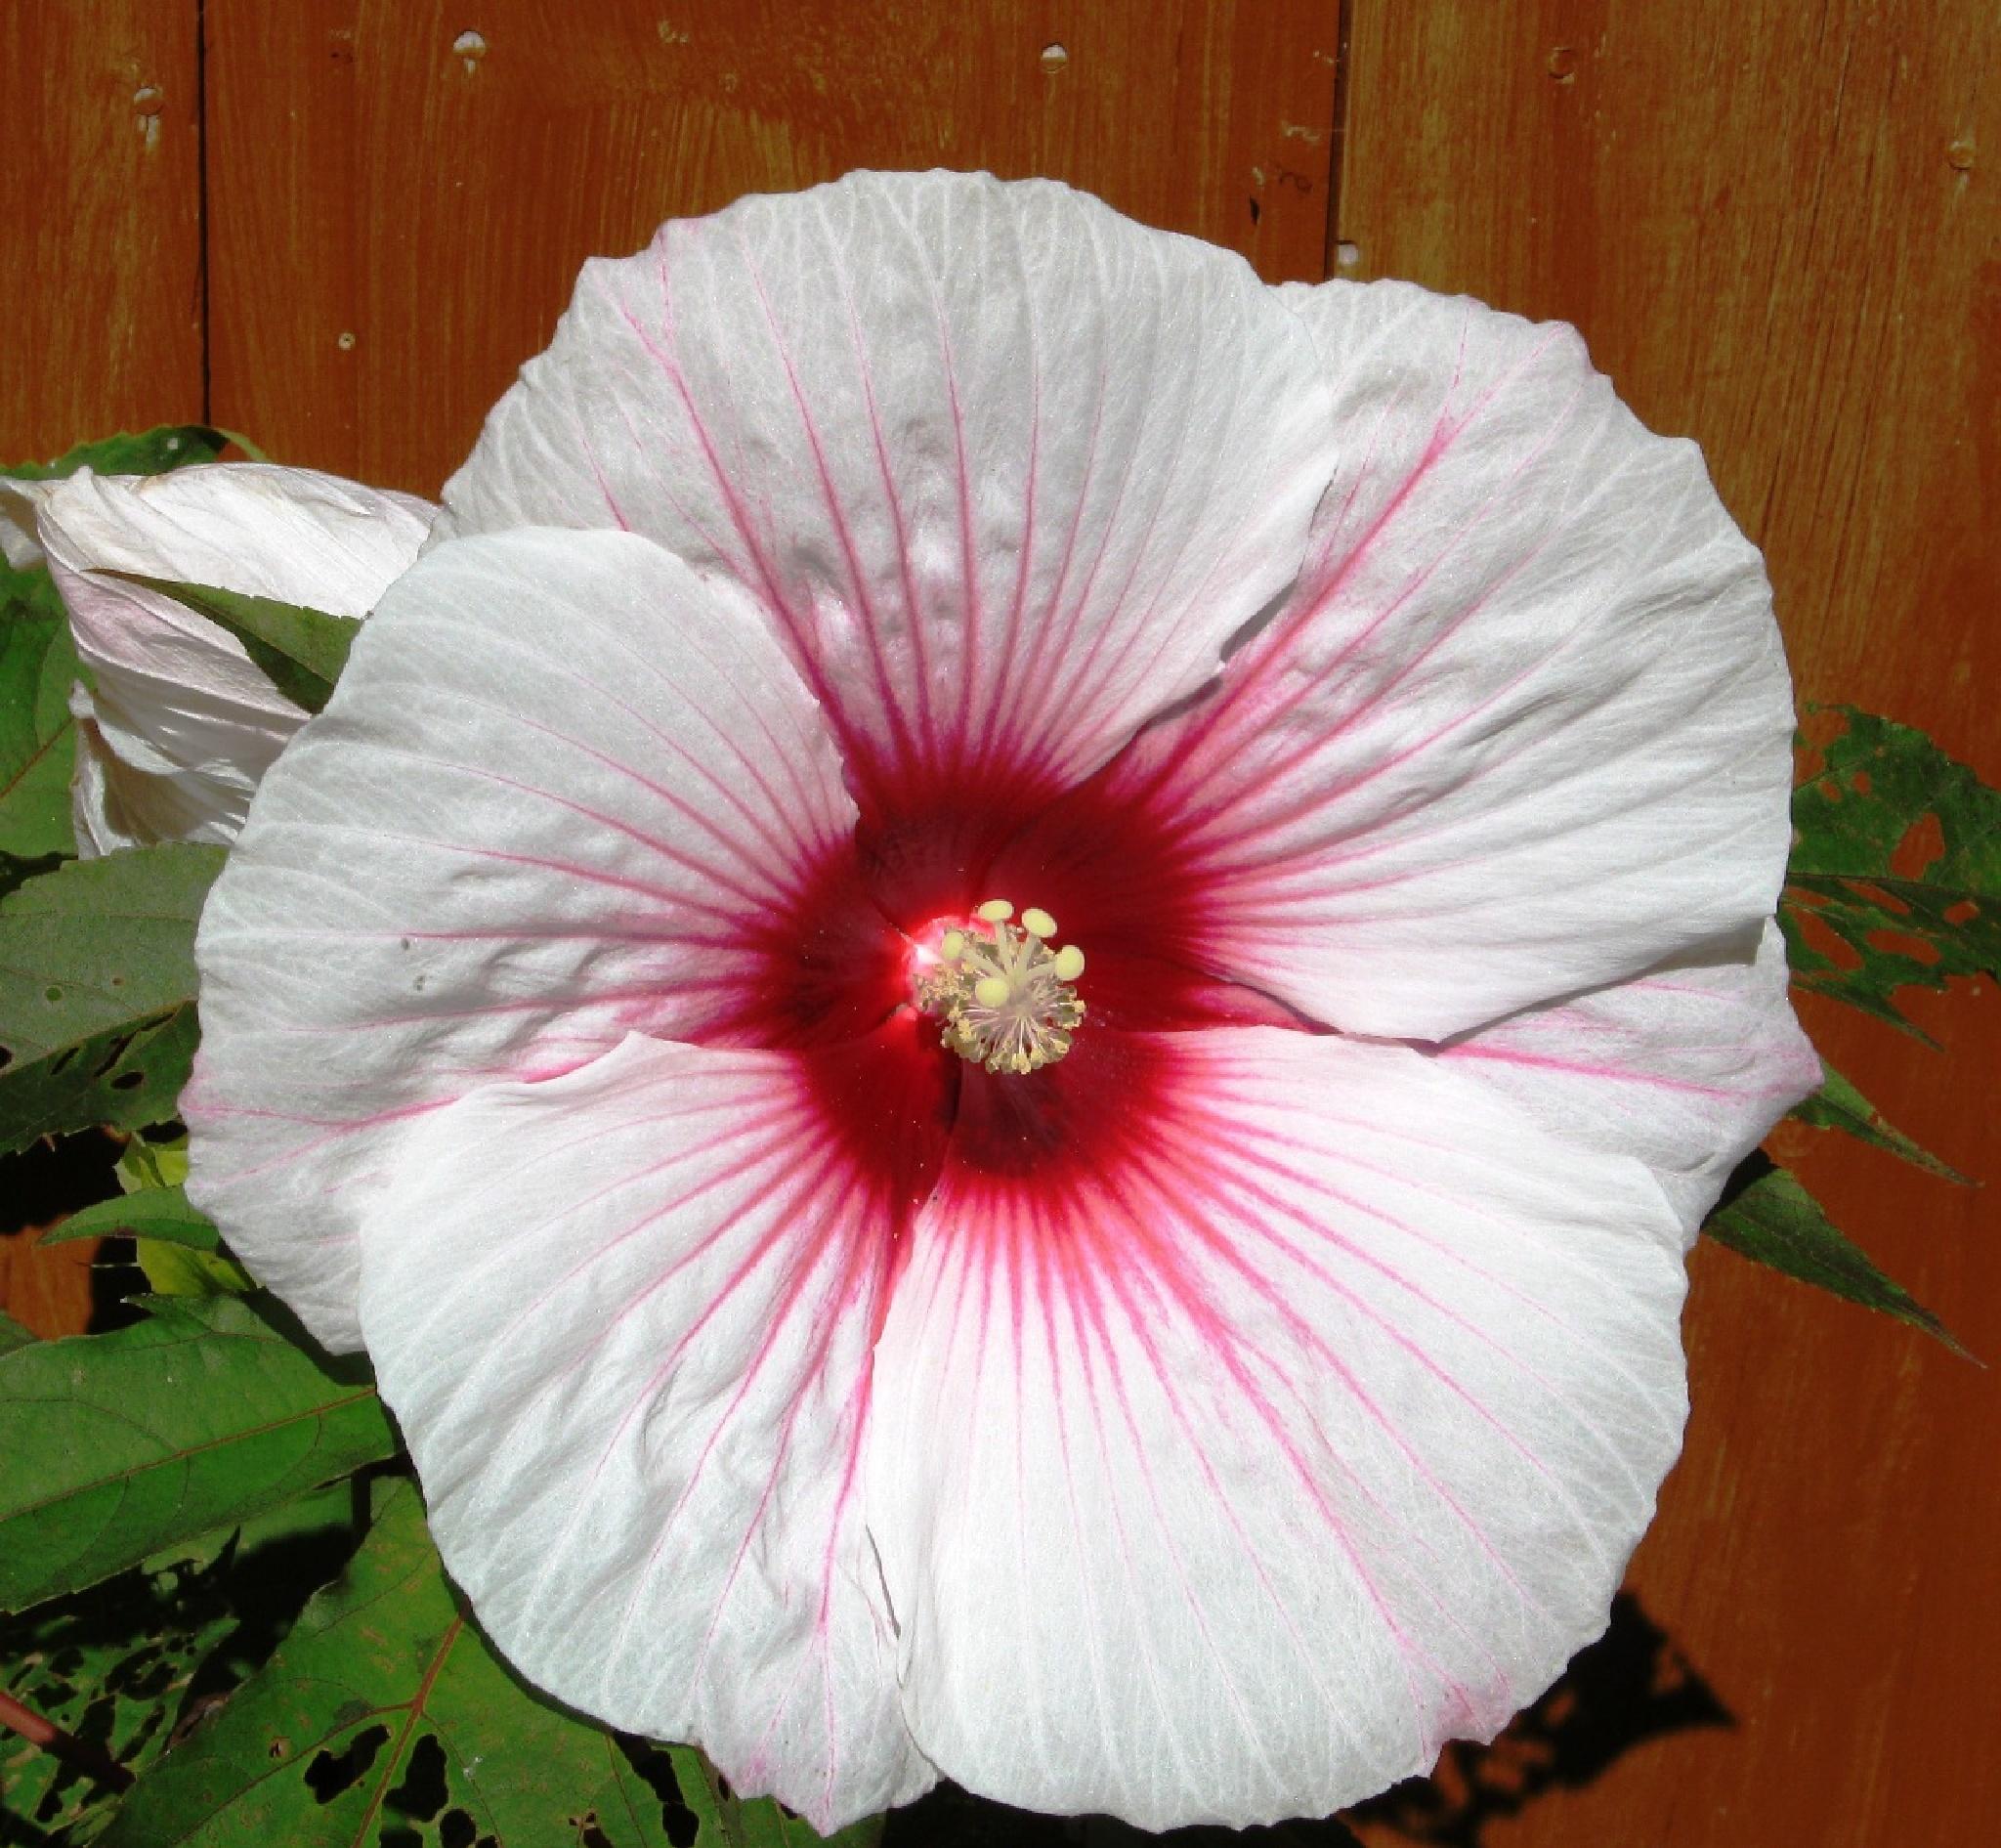 Flower Power by sllennips